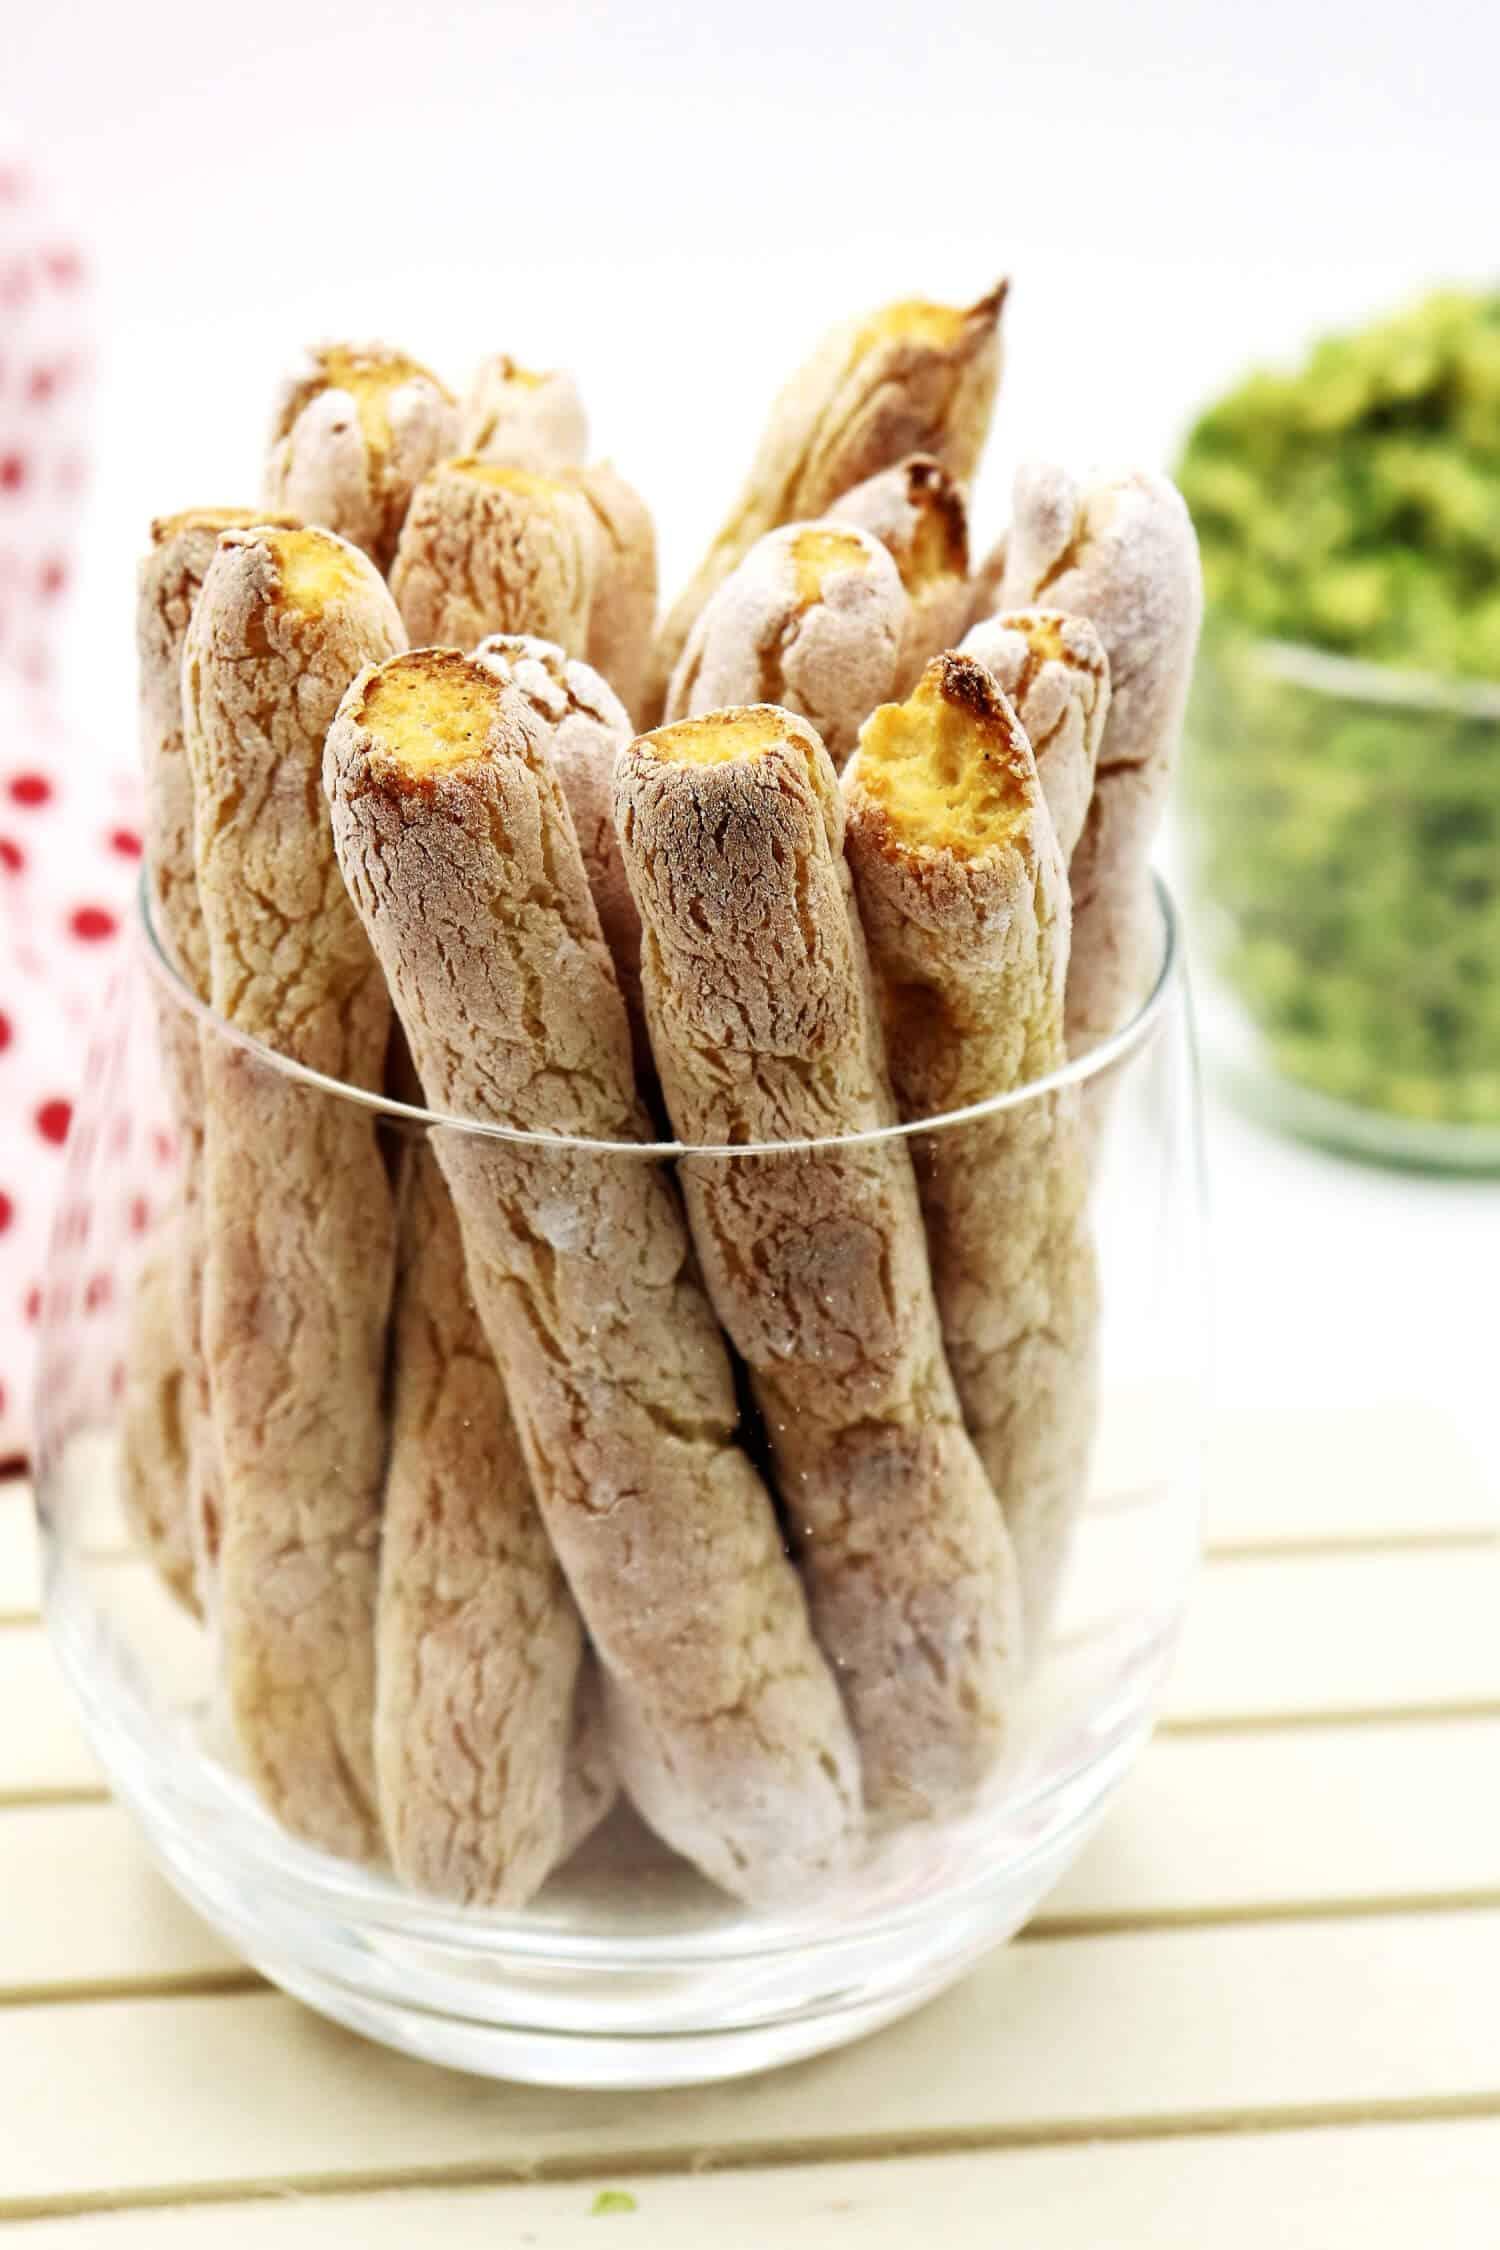 Rezept für Brotsticks ohne Kohlenhydrate perfekt für Dips.